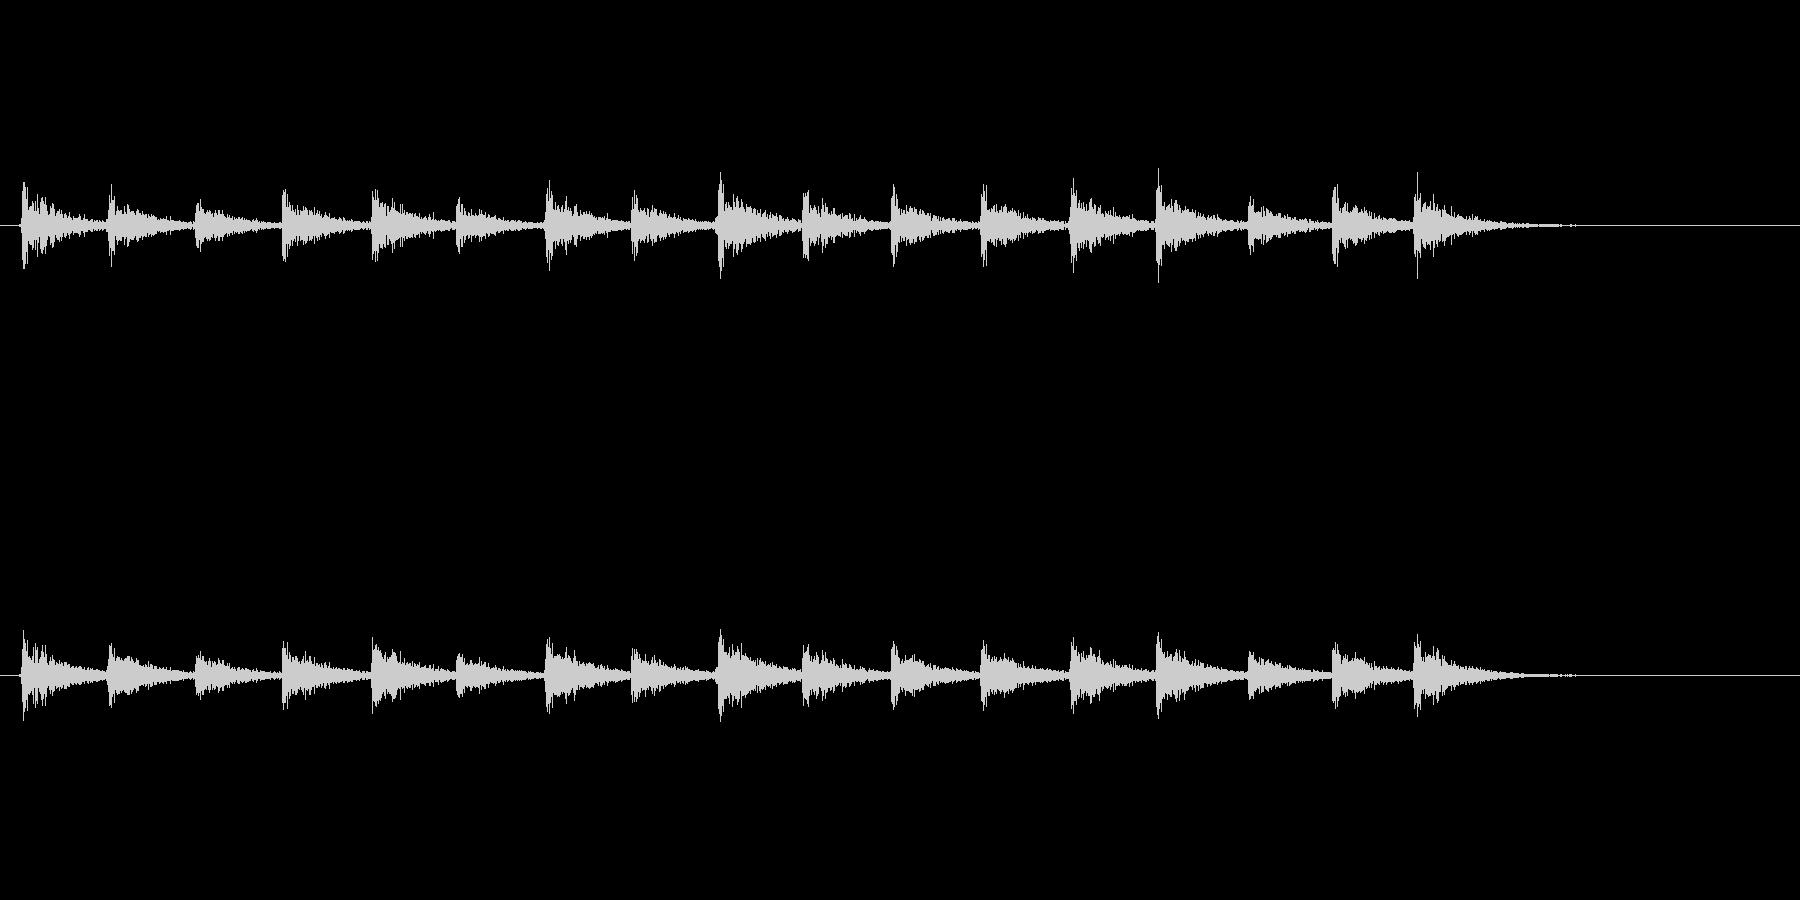 【足音03-4】の未再生の波形